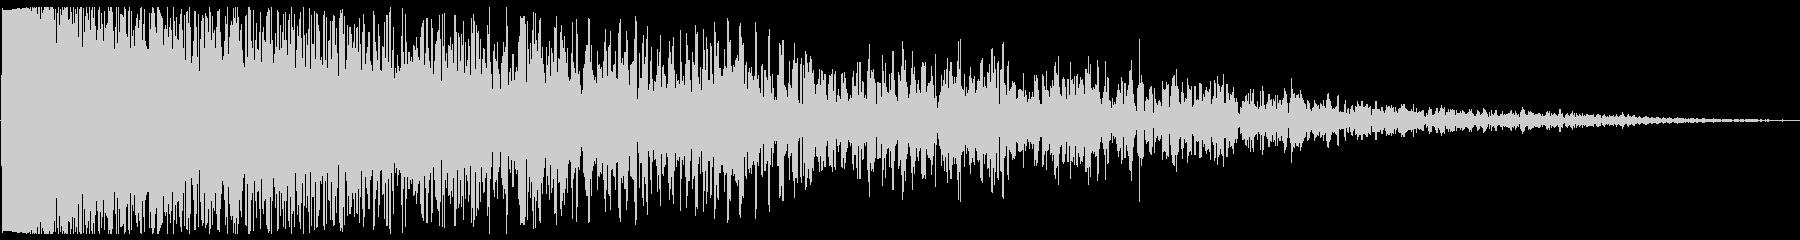 ビシューン(爆弾の音)の未再生の波形